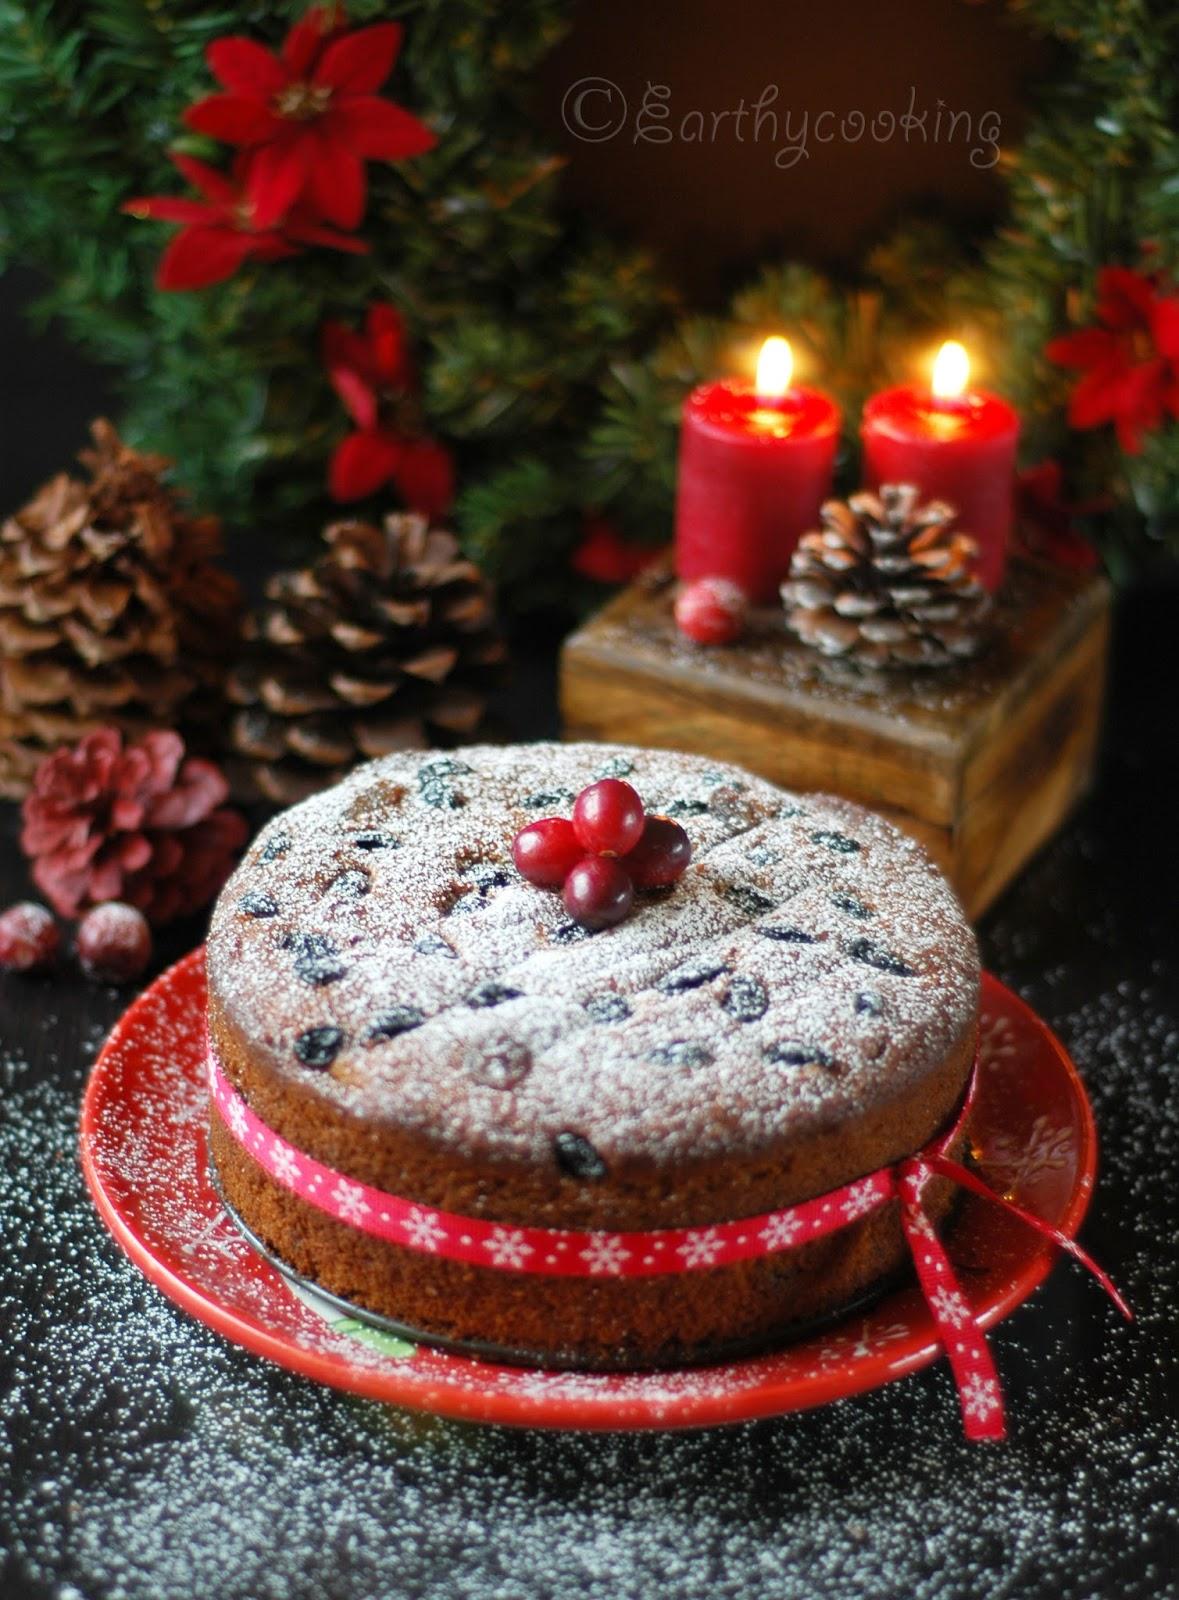 Earthycooking : Rum Soaked Christmas Fruit Cake